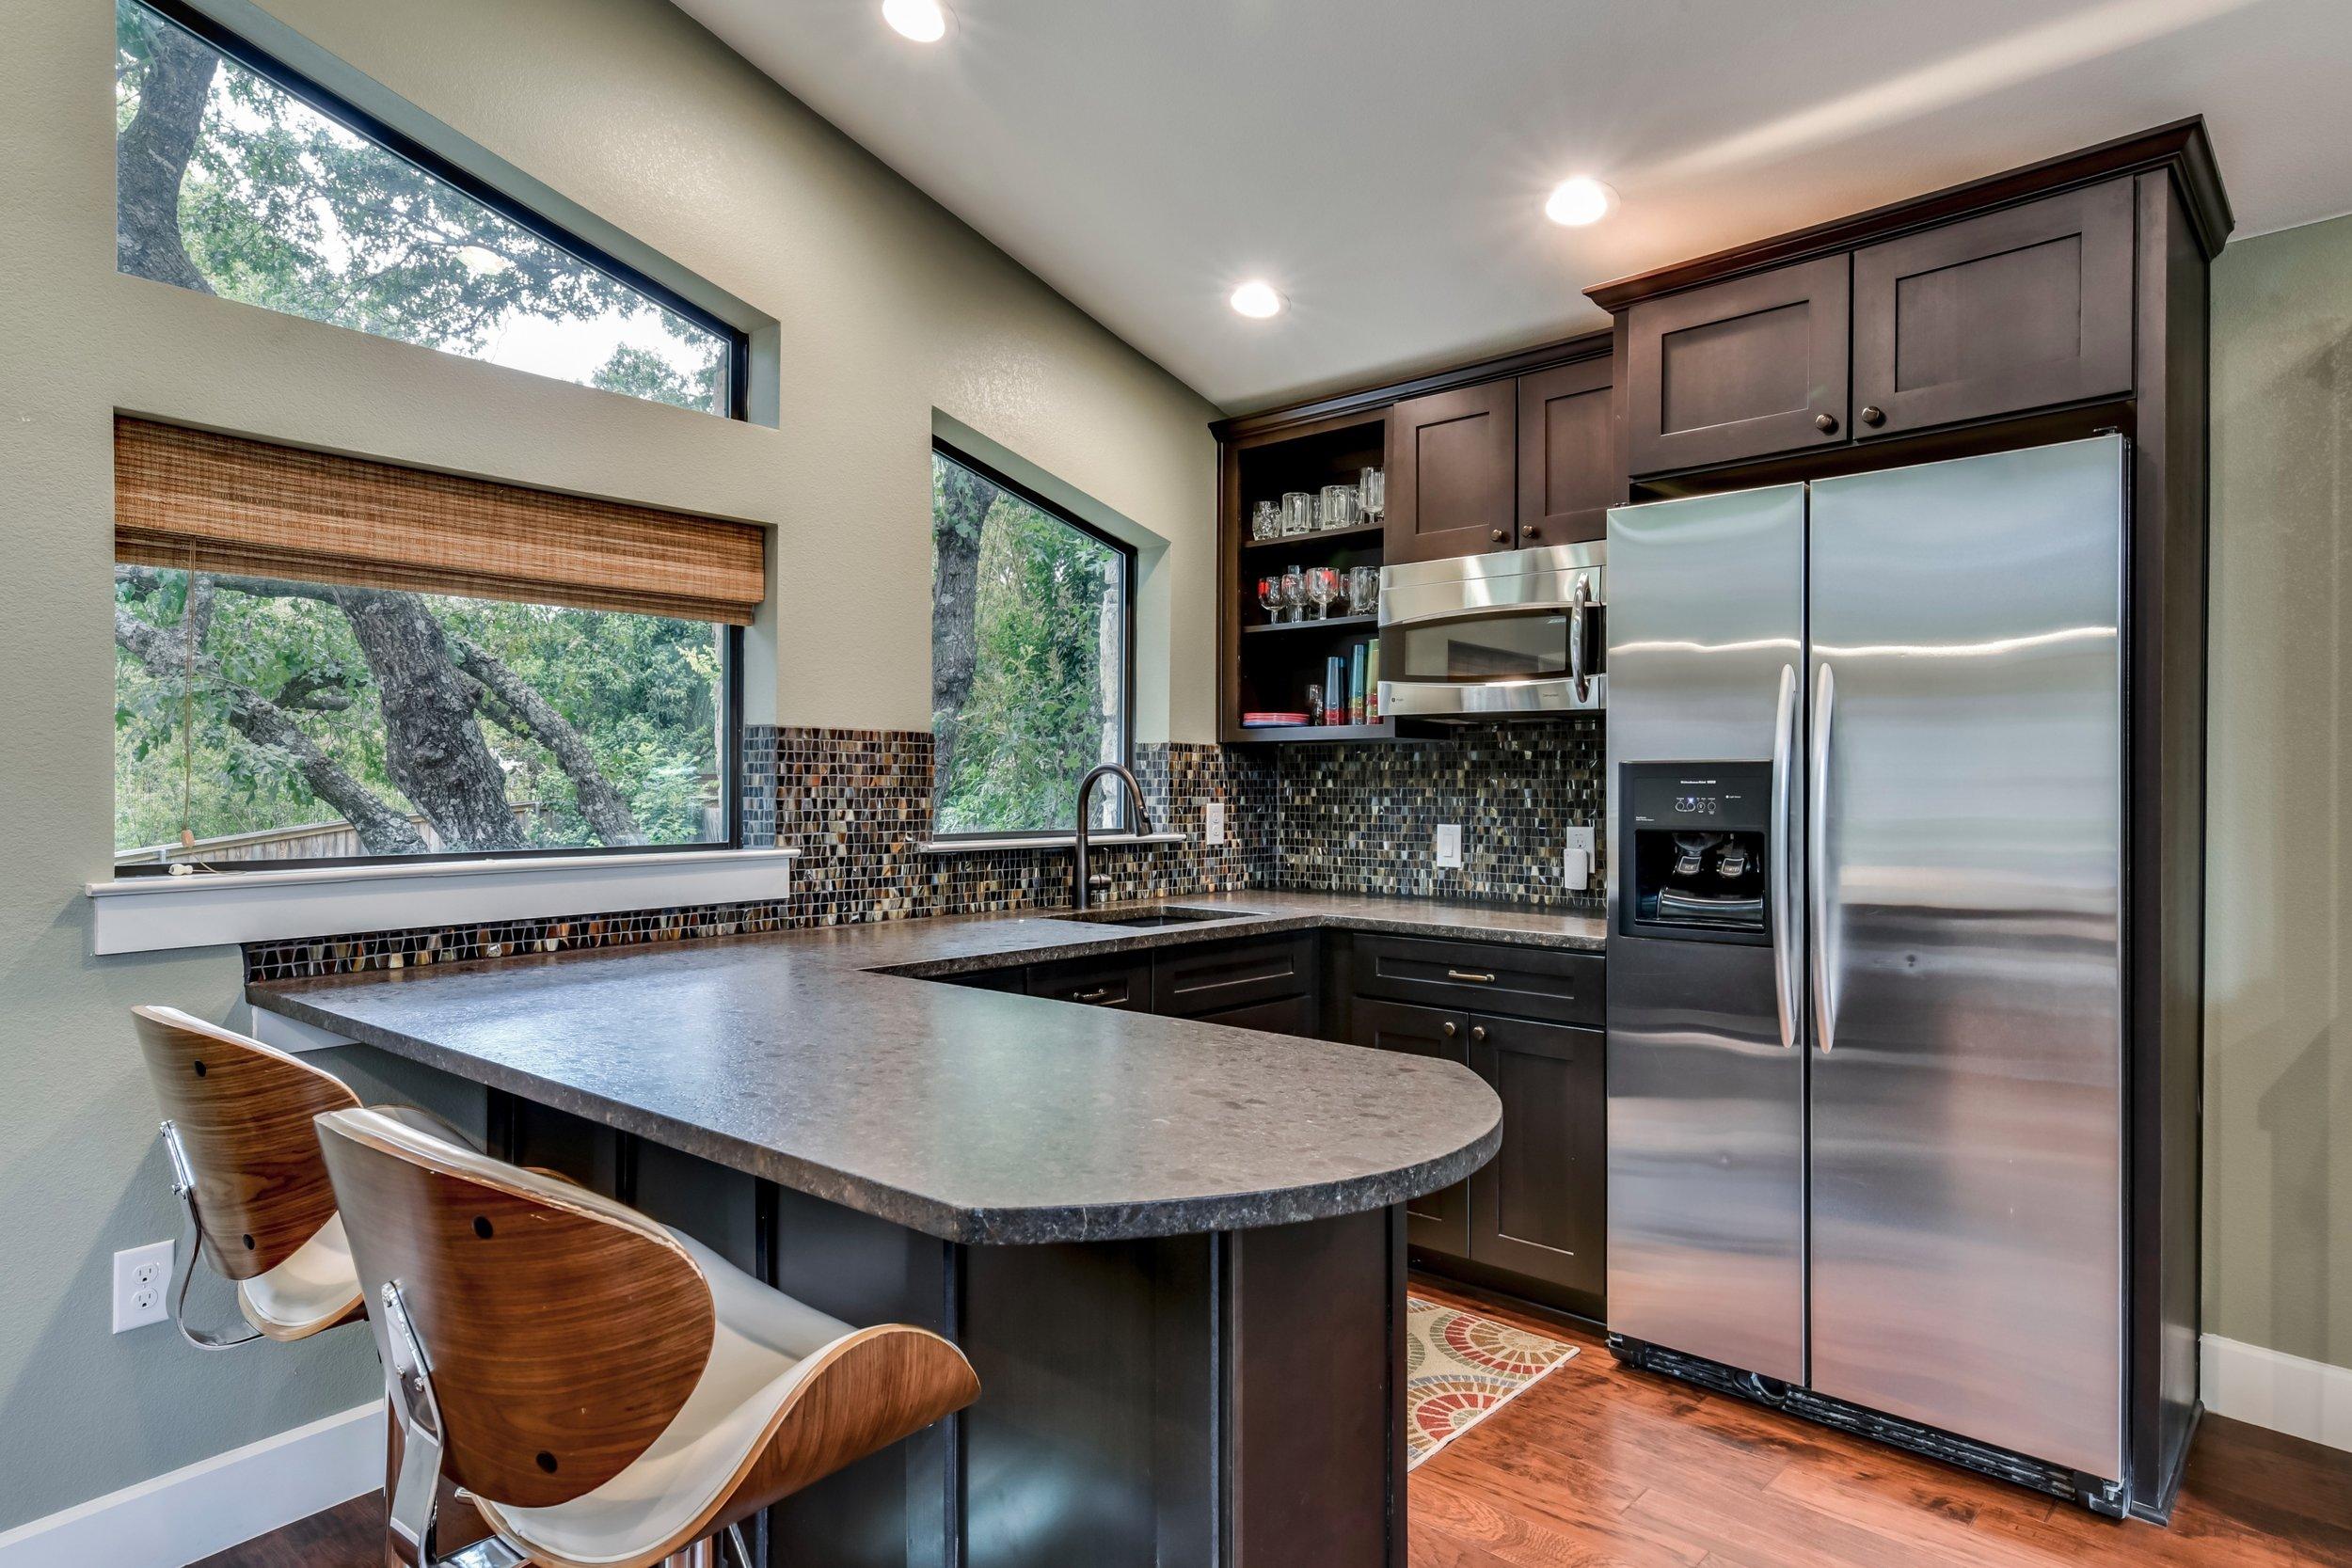 Game Room Kitchen Interior Design